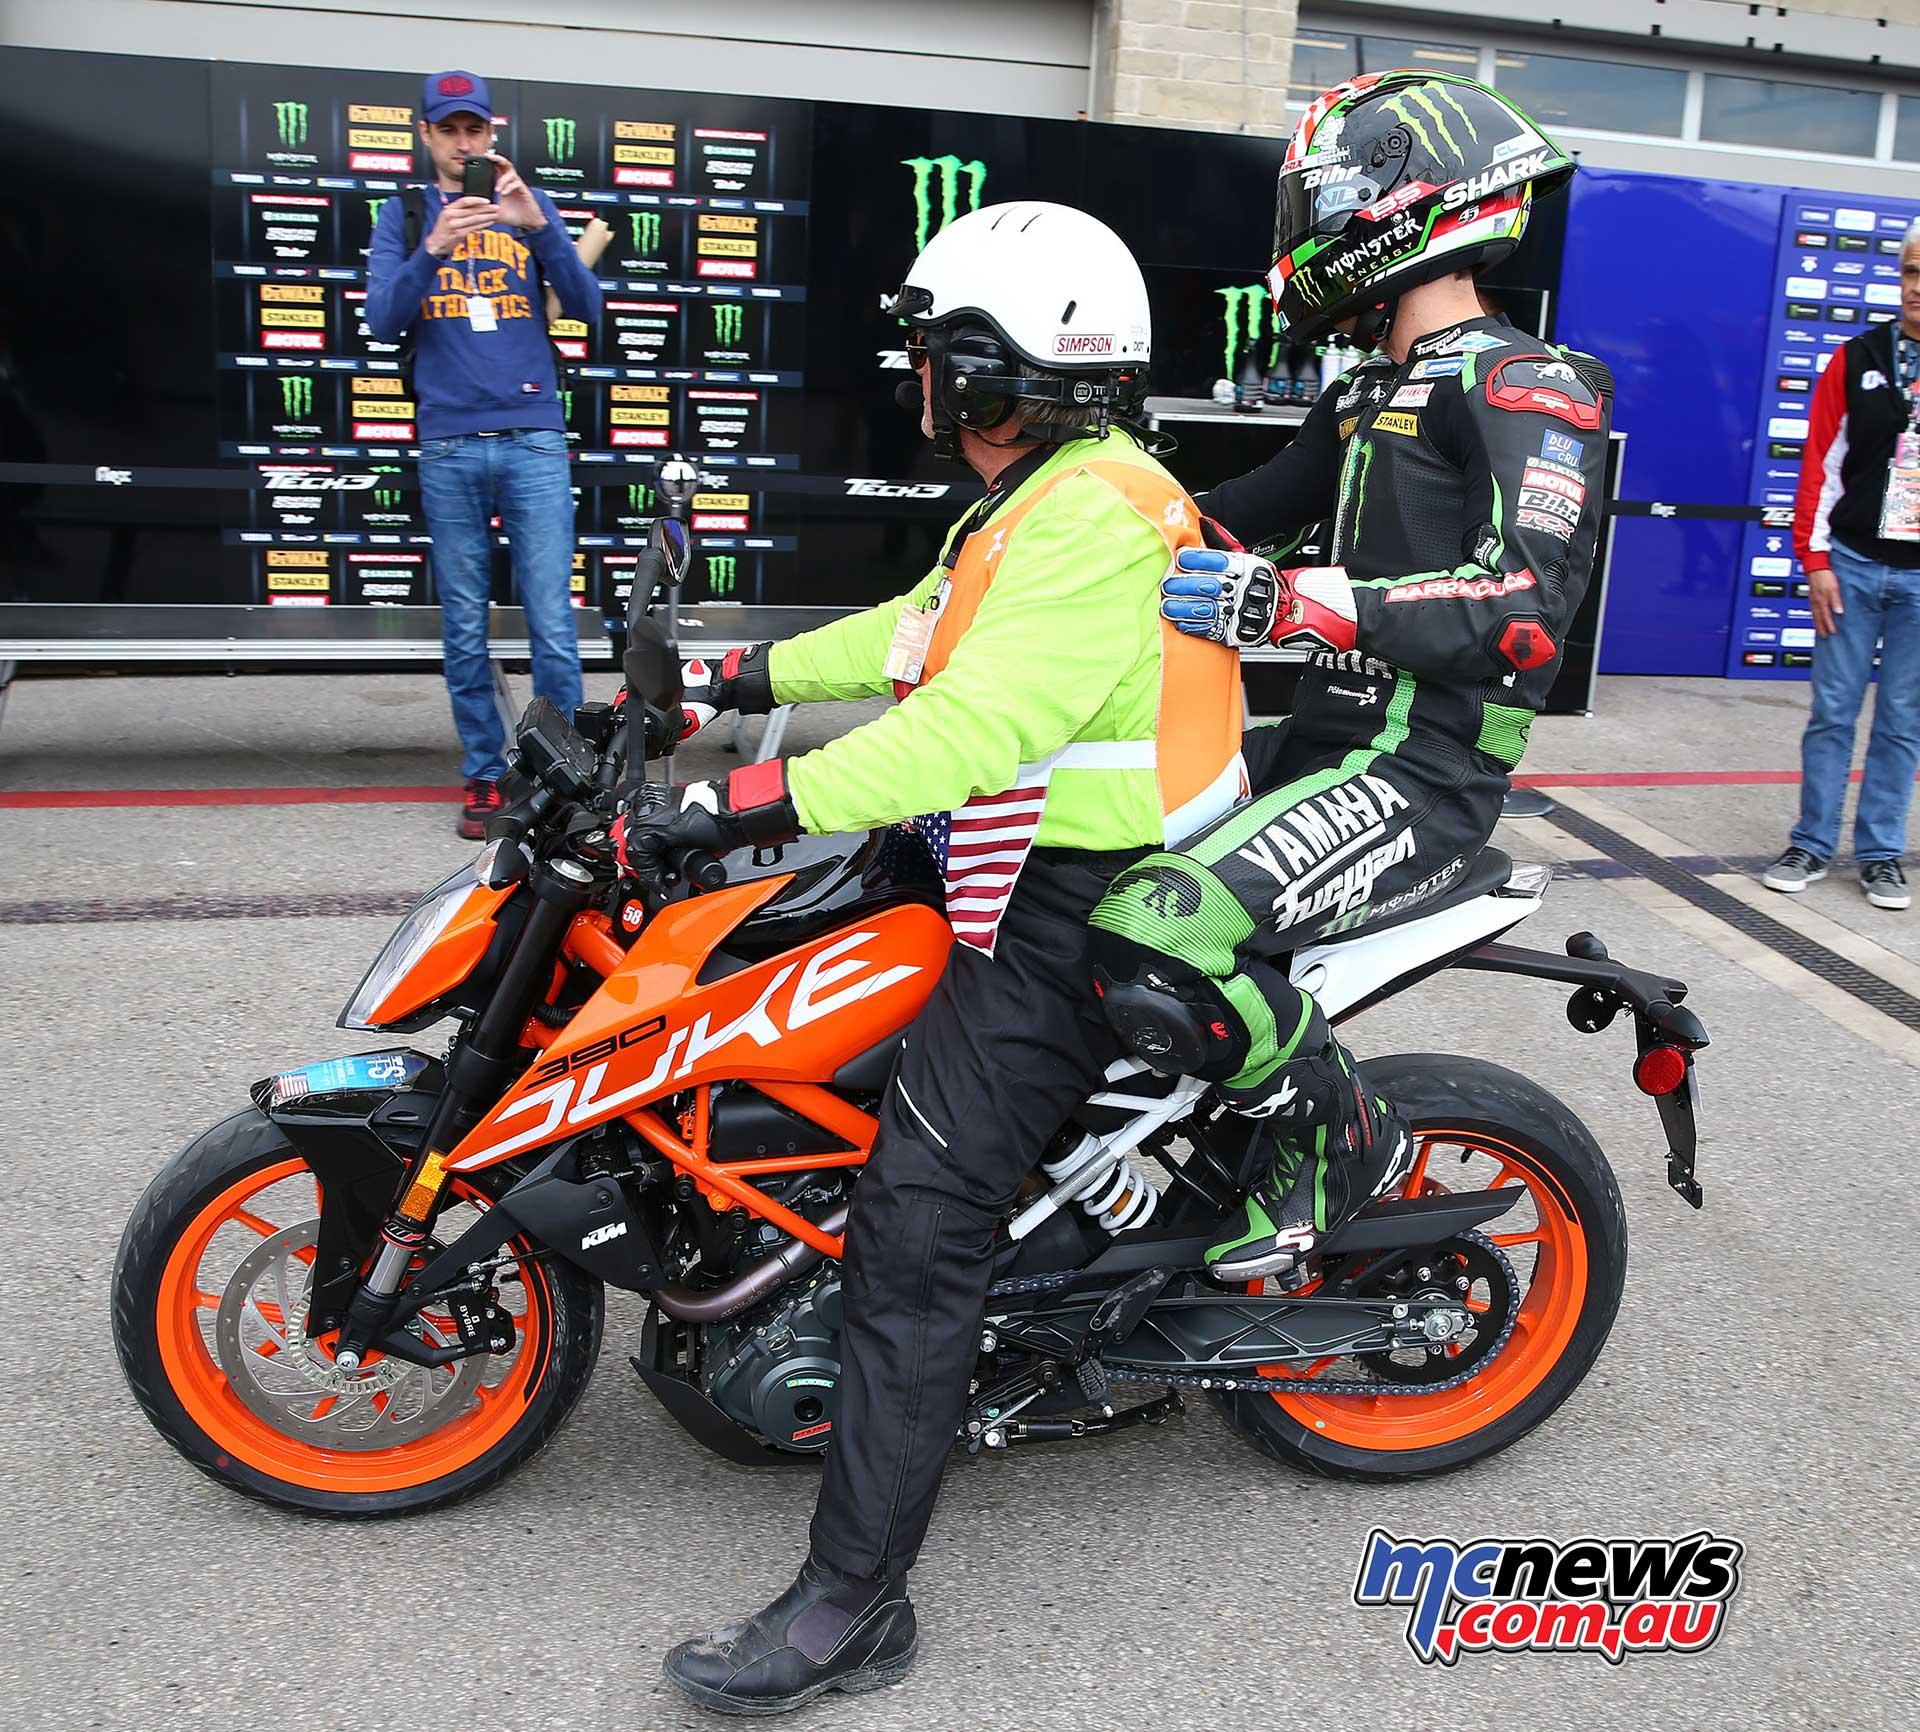 Zarco to join KTM MotoGP in 2019